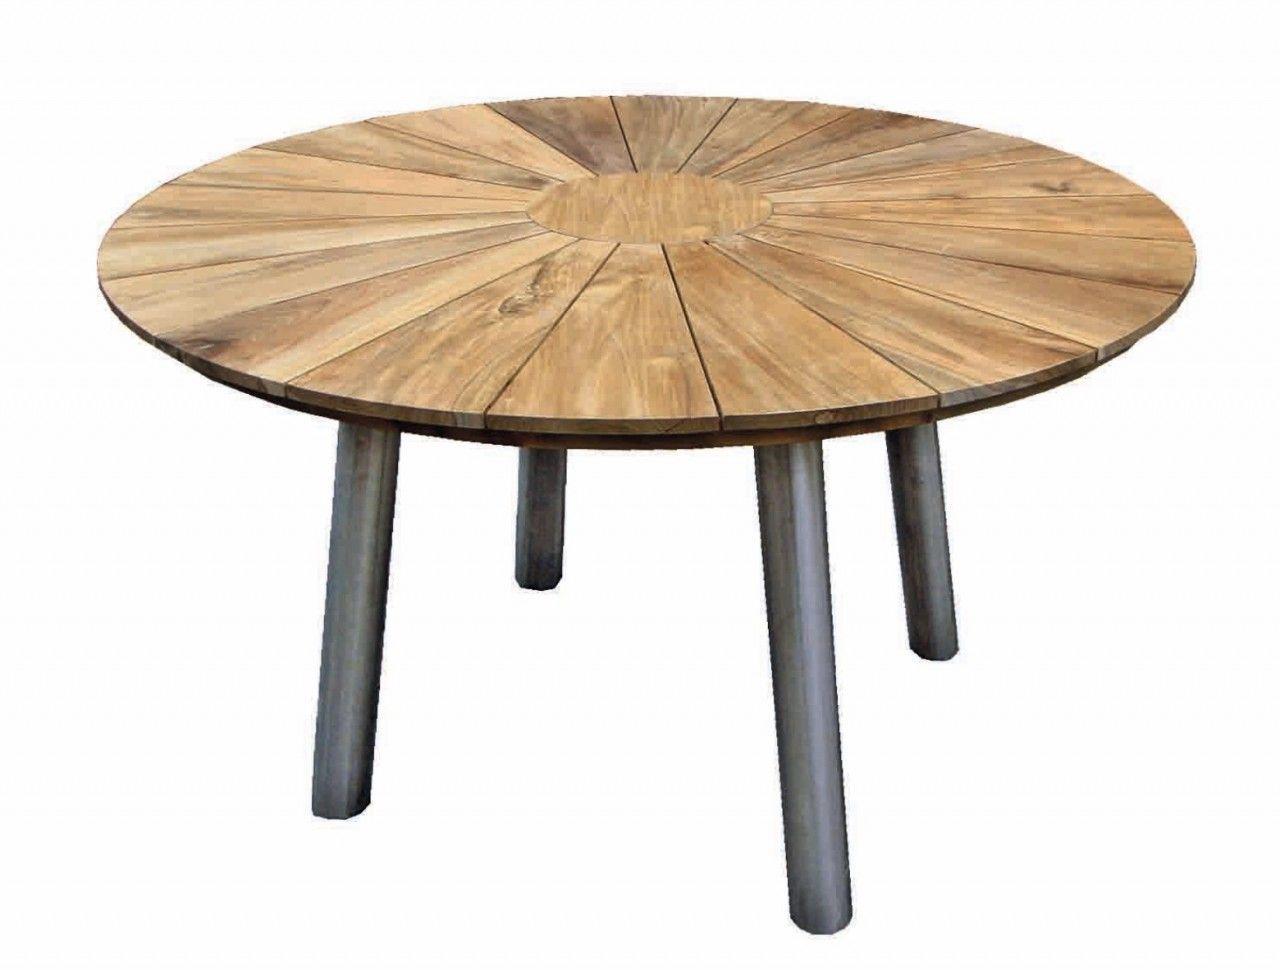 Casamia Garten Tisch Fjord Rund Aus Teakholz Mit Edelstahl Gestell Exklusive Mobel Gartentisch Rund Holz Teakholz Tisch Teak